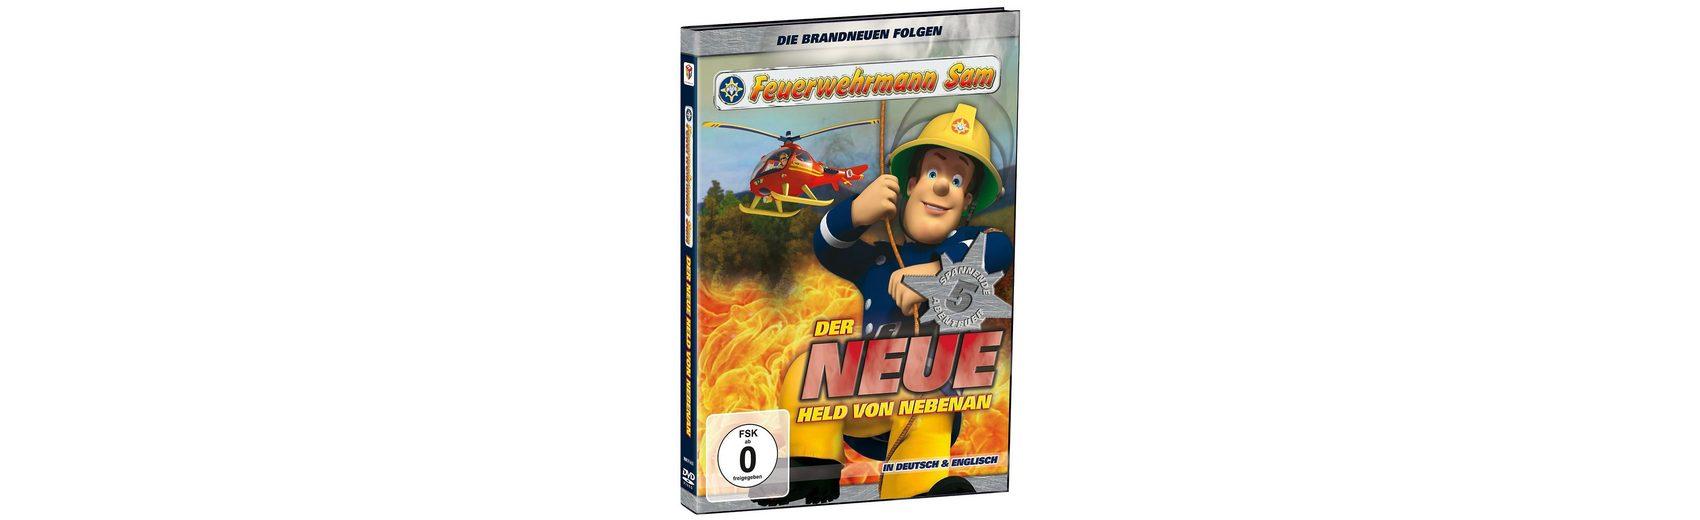 Just Bridge Entertainment DVD Feuerwehrmann Sam - Der neue Held von nebenan (Teil 1)